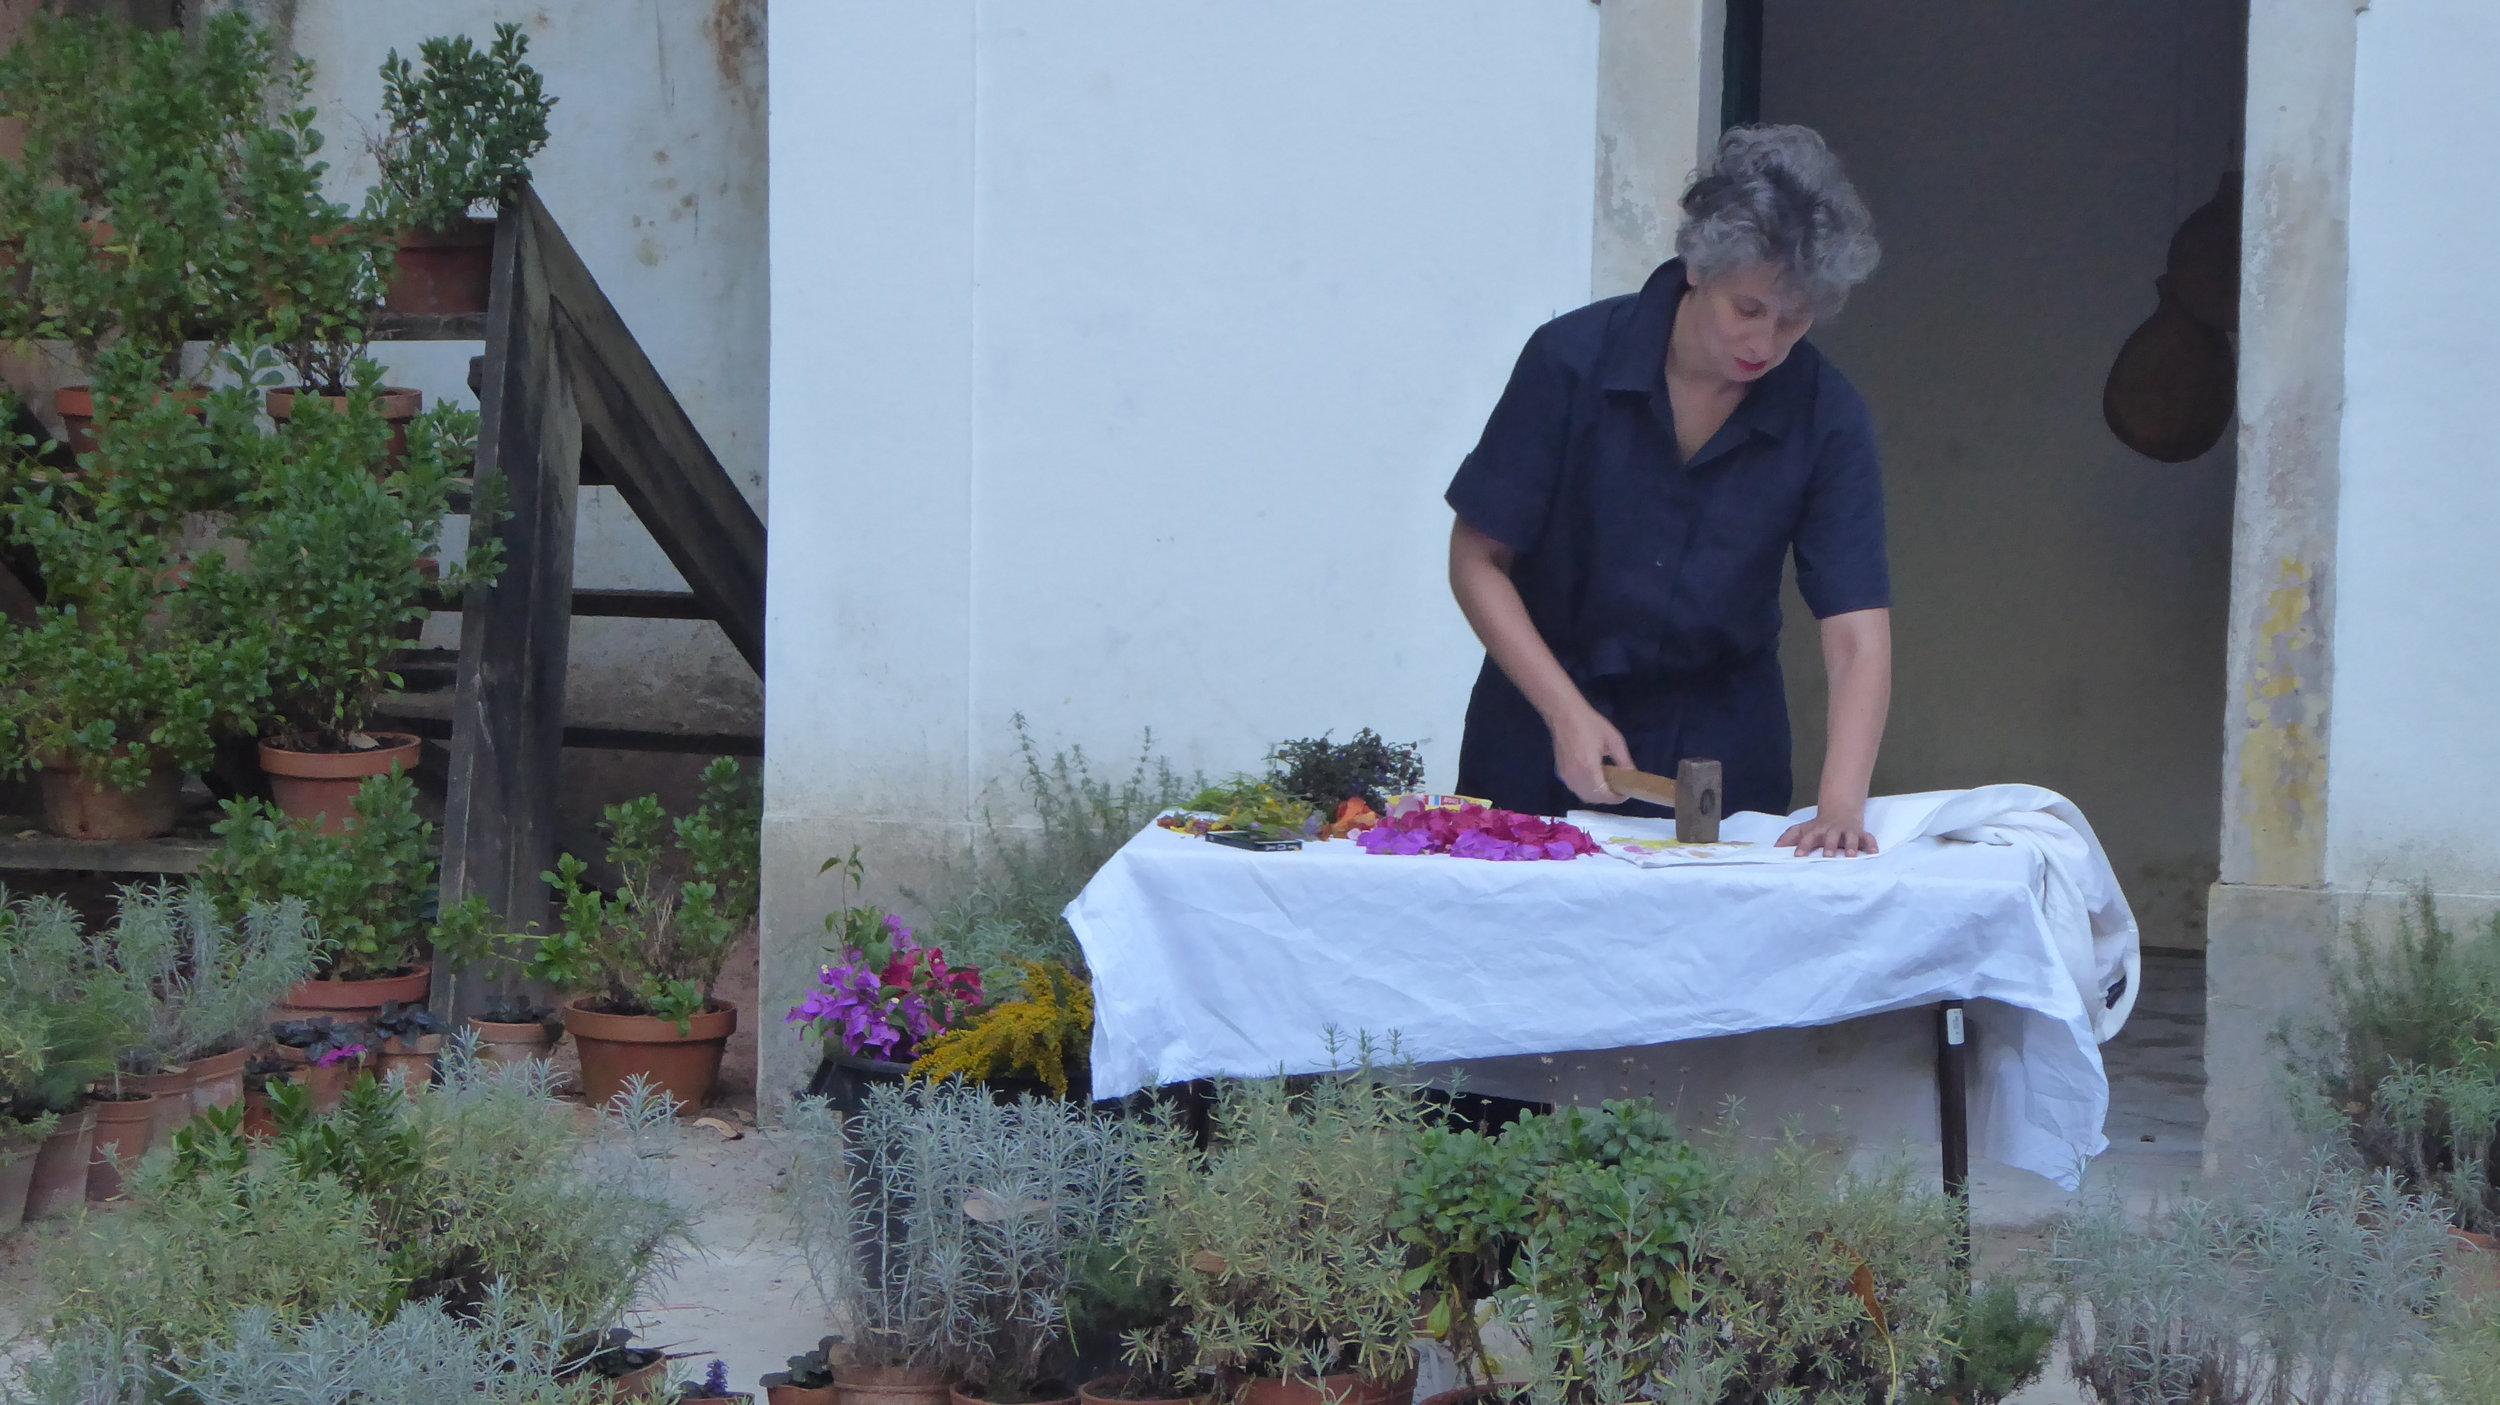 A collaborative project with performer Sónia Baptista at Culturas Experimentais, at Casa dos Narcisos in the Botanical Garden of Coimbra, Portugal.